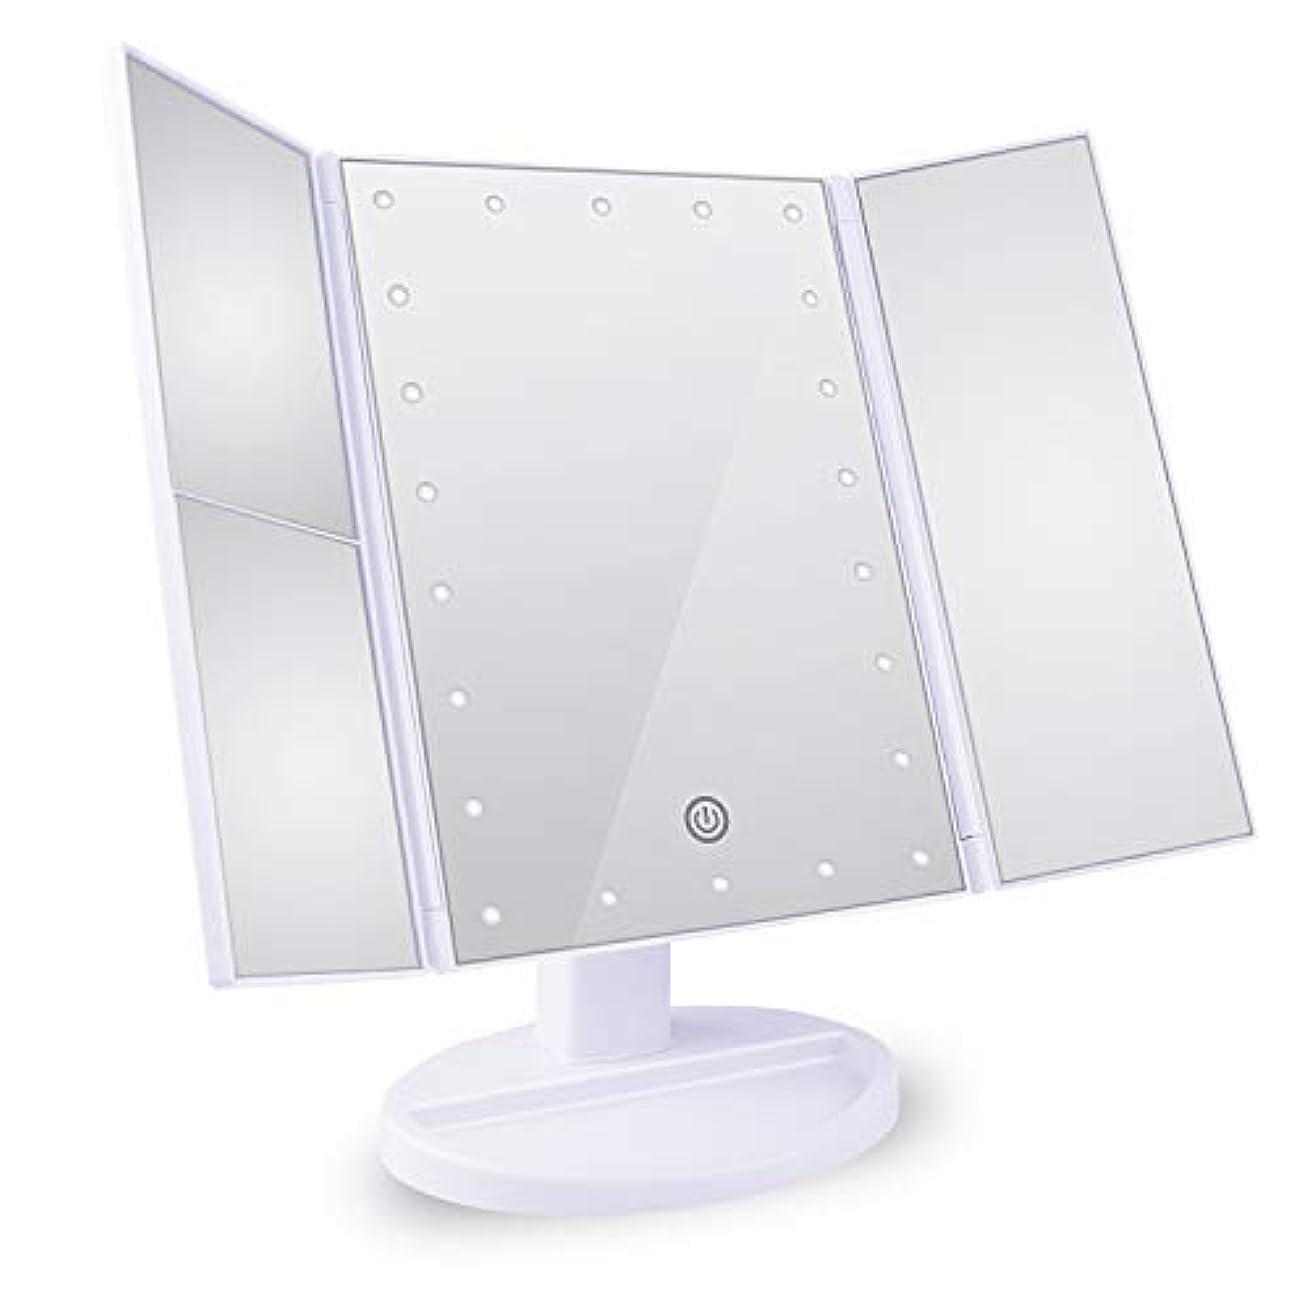 ガロン無謀インセンティブTree. NB 化粧鏡 卓上鏡 拡大鏡 鏡 メイクミラー 2倍&3倍拡大可能 LEDライトミラー 明るさ調節可能 180°回転 電池&USB 2WAY給電